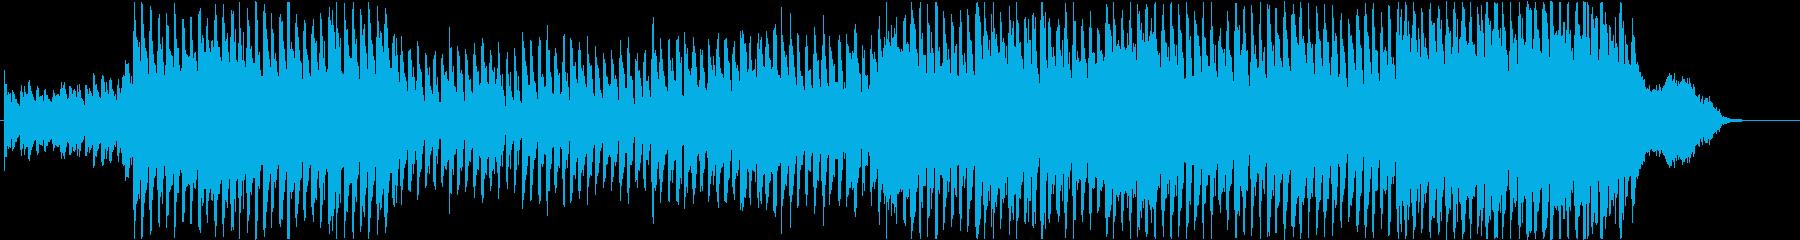 爽やかなベルとオーケストラBGM仕様の再生済みの波形